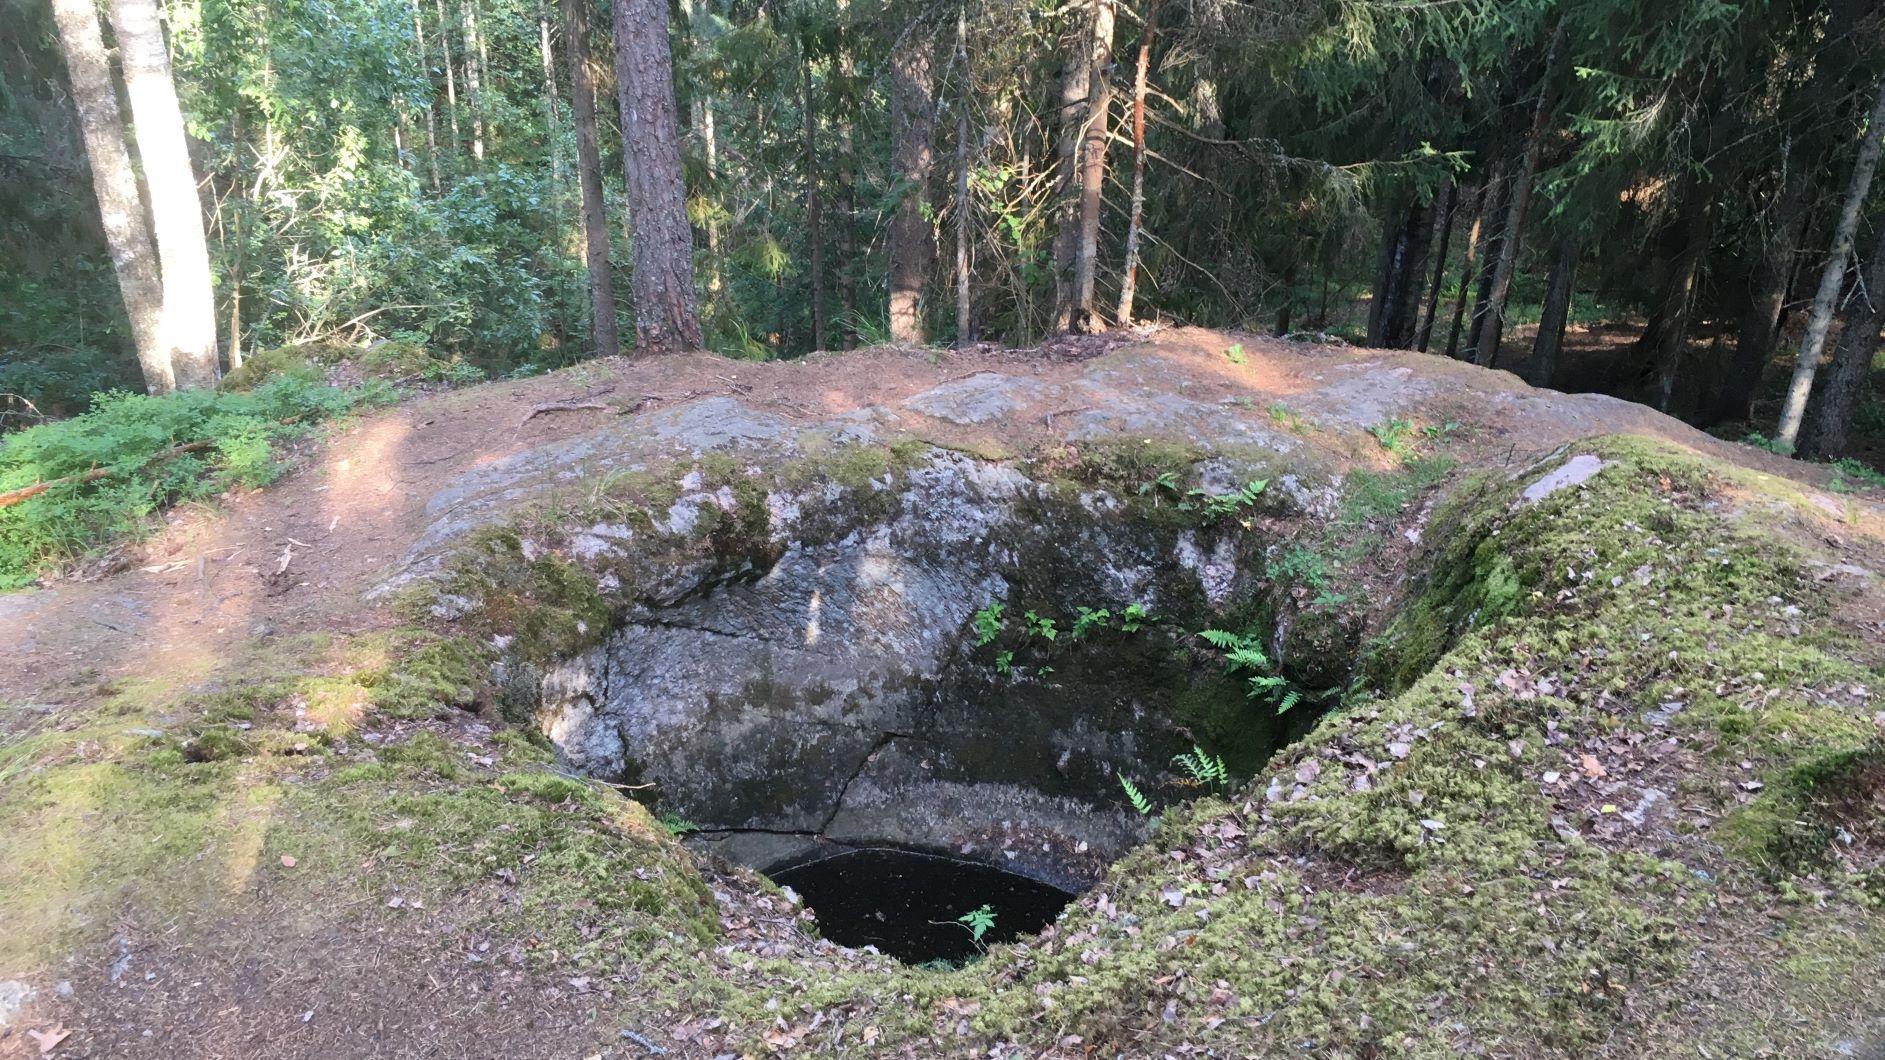 Talvia giants kettles in Lohja